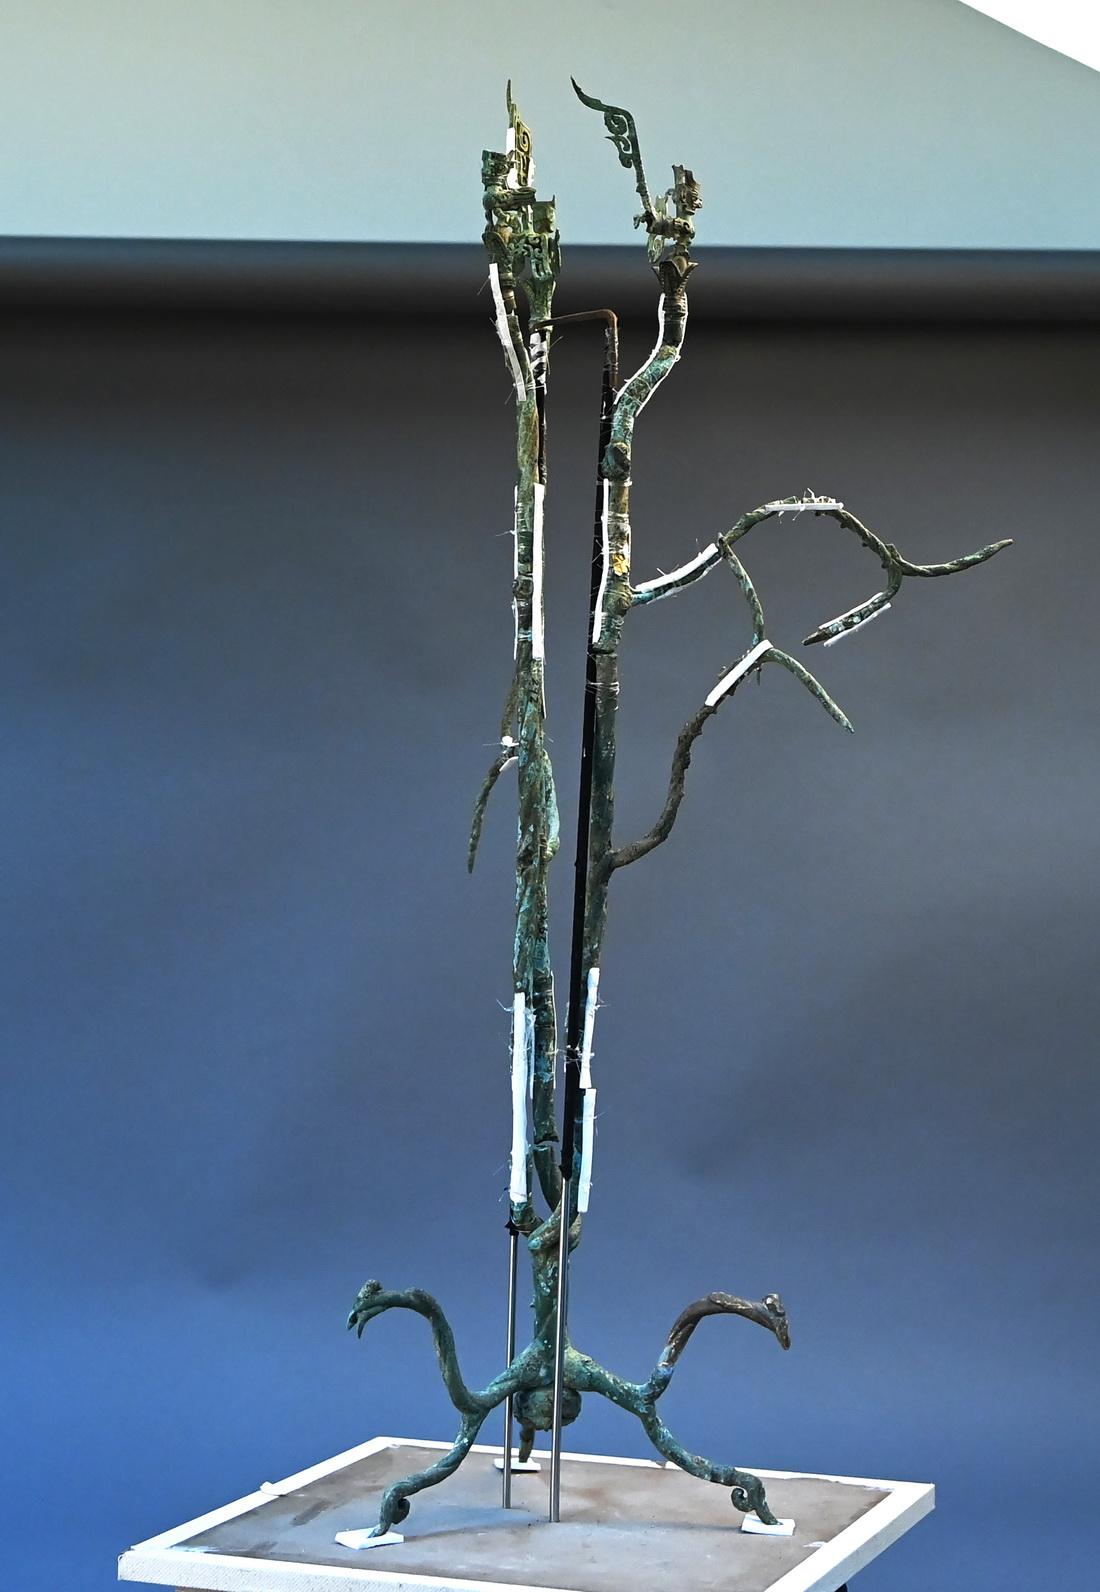 3号青铜神树型体拼接工作已基本完成。